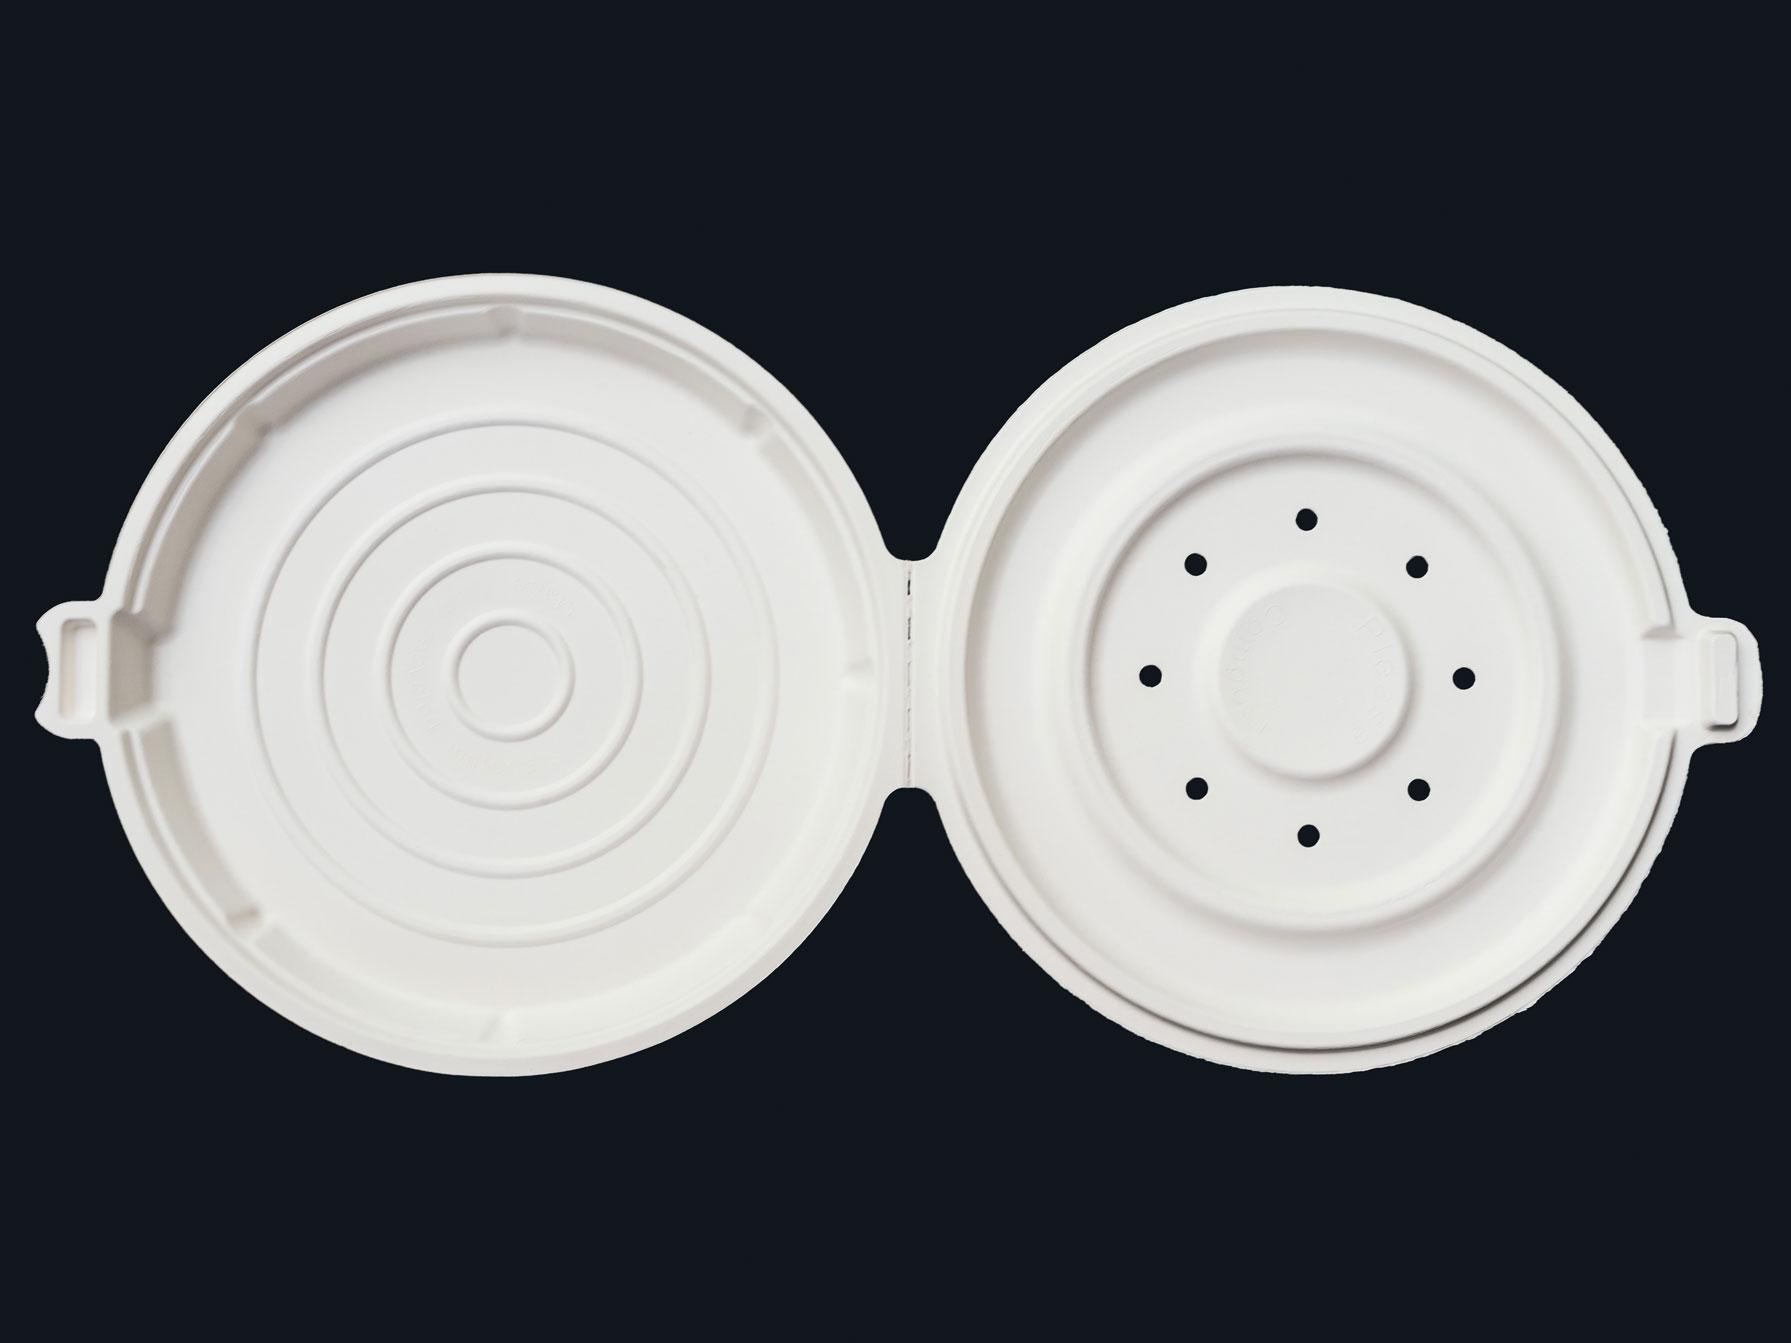 Caixas de pizza patenteadas pela Apple